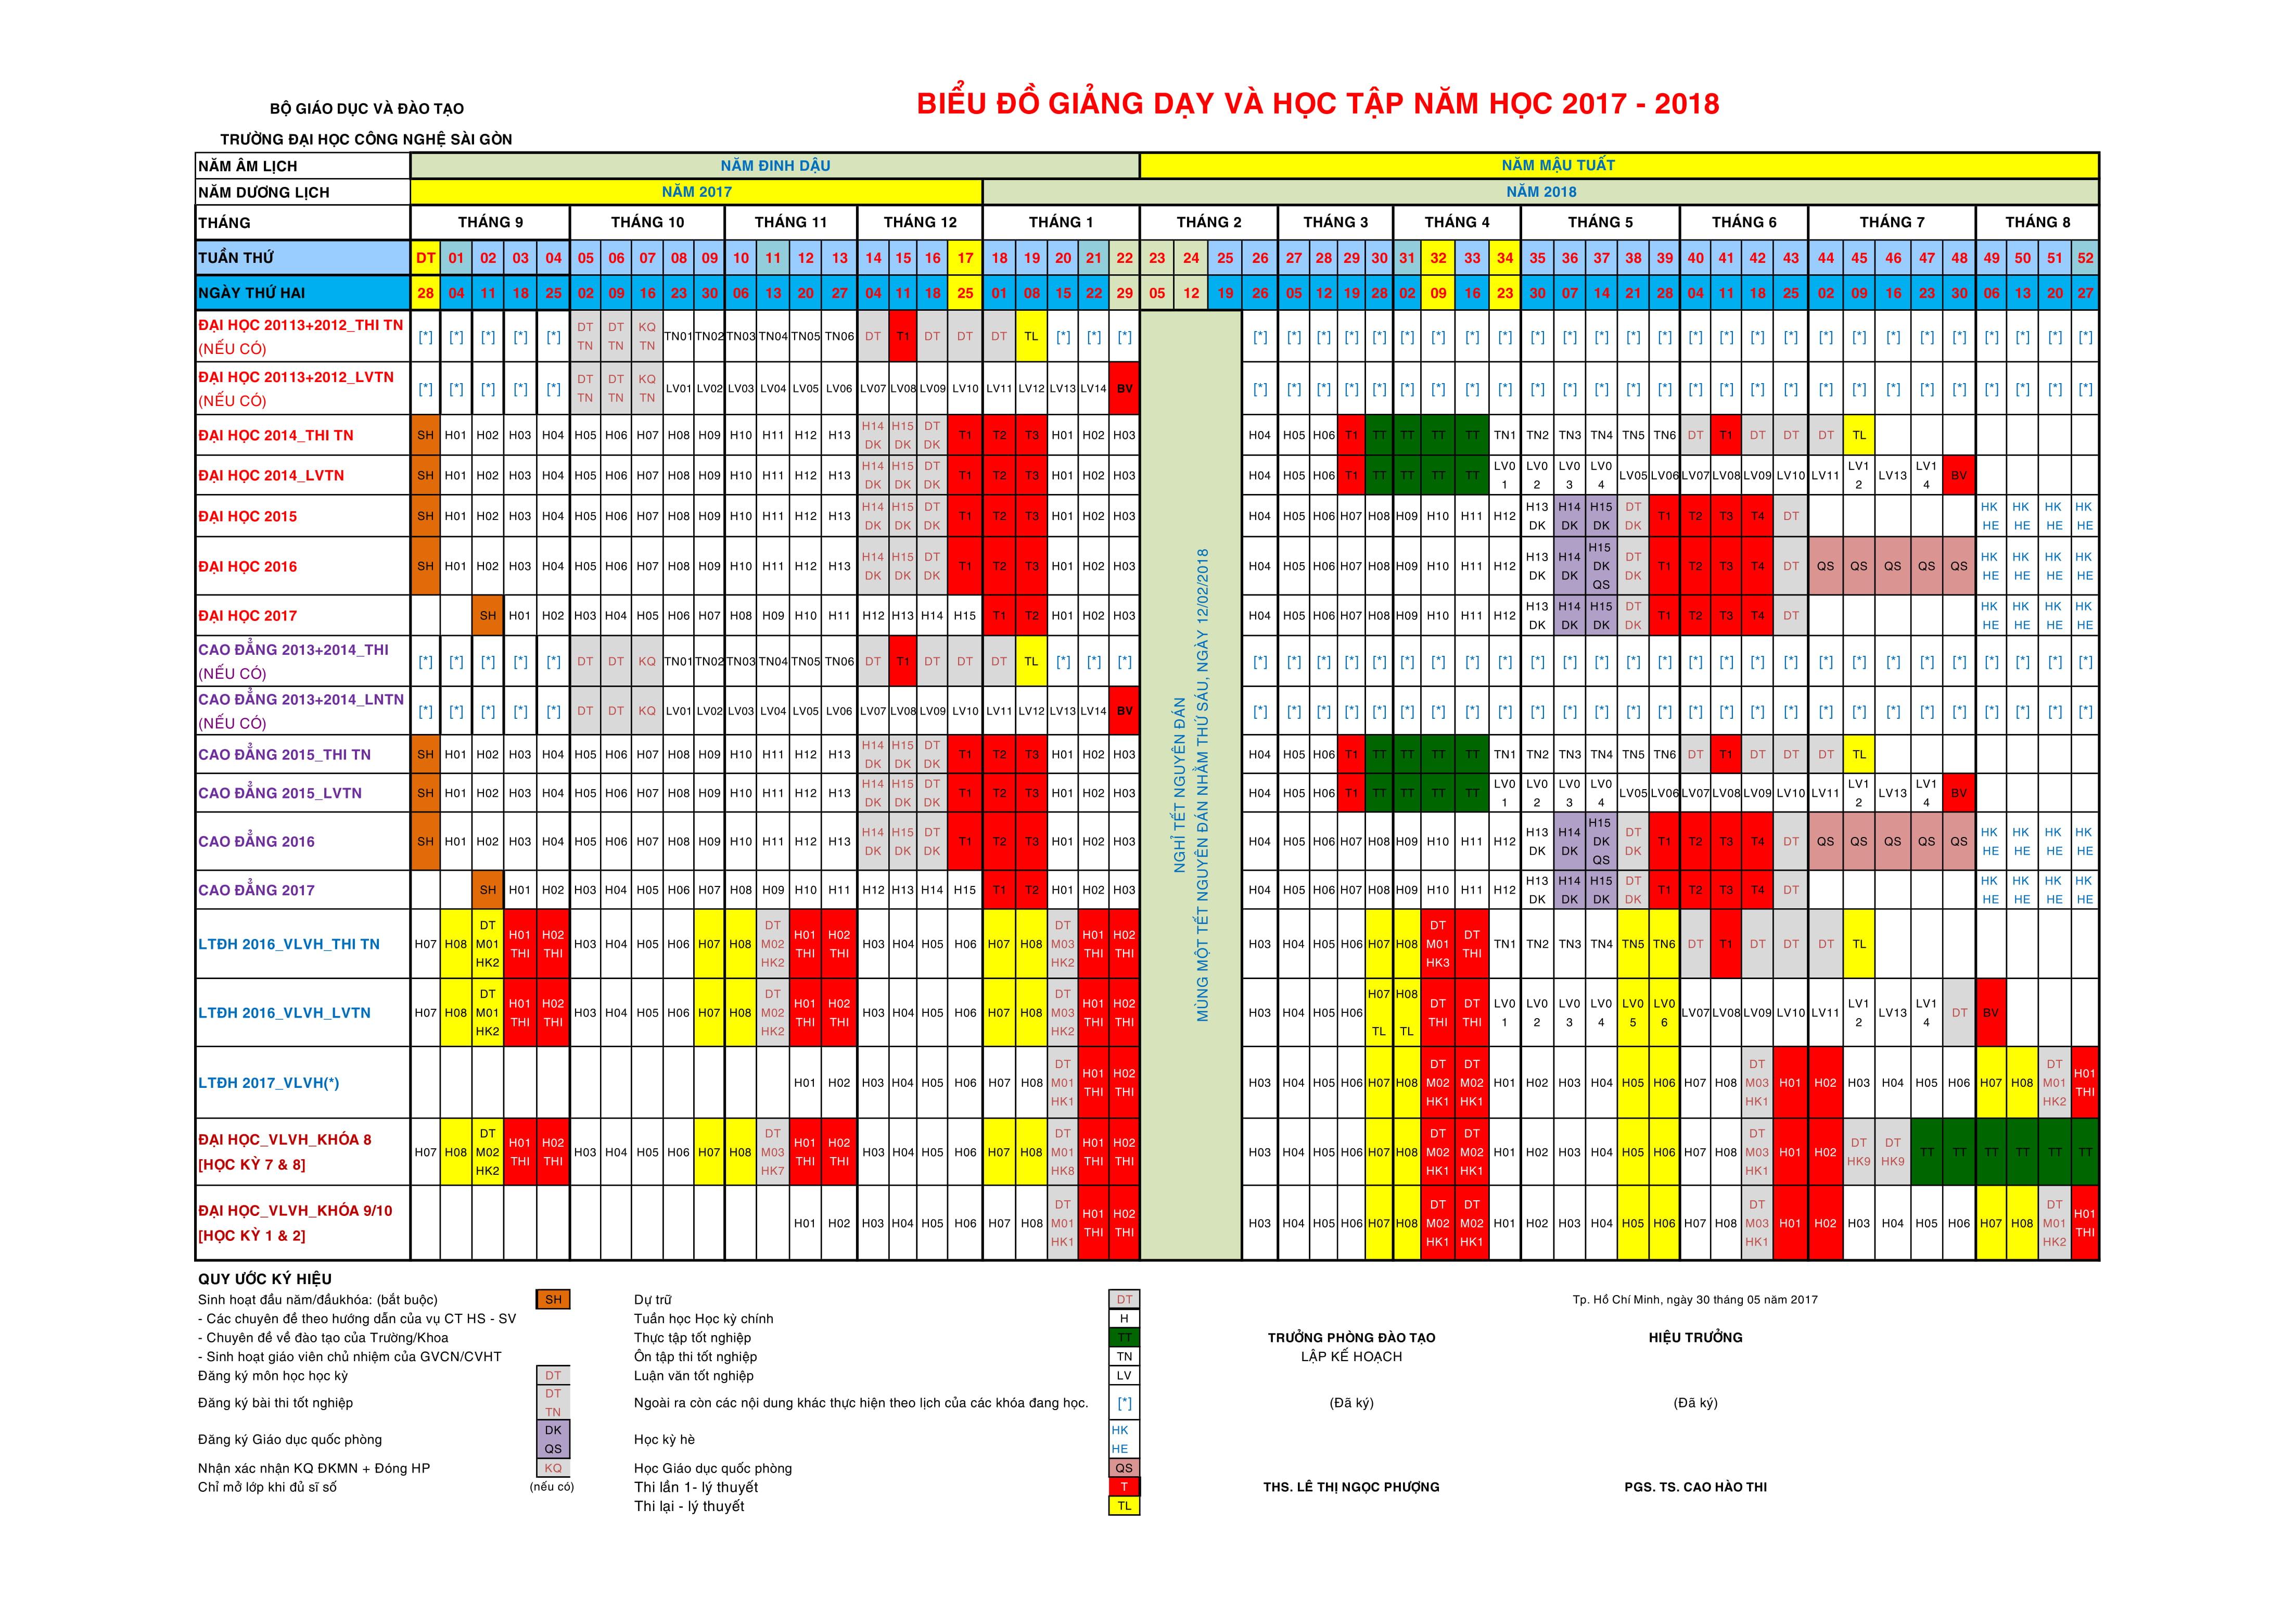 Biểu đồ giảng dạy & học tập năm học 2014 - 2015